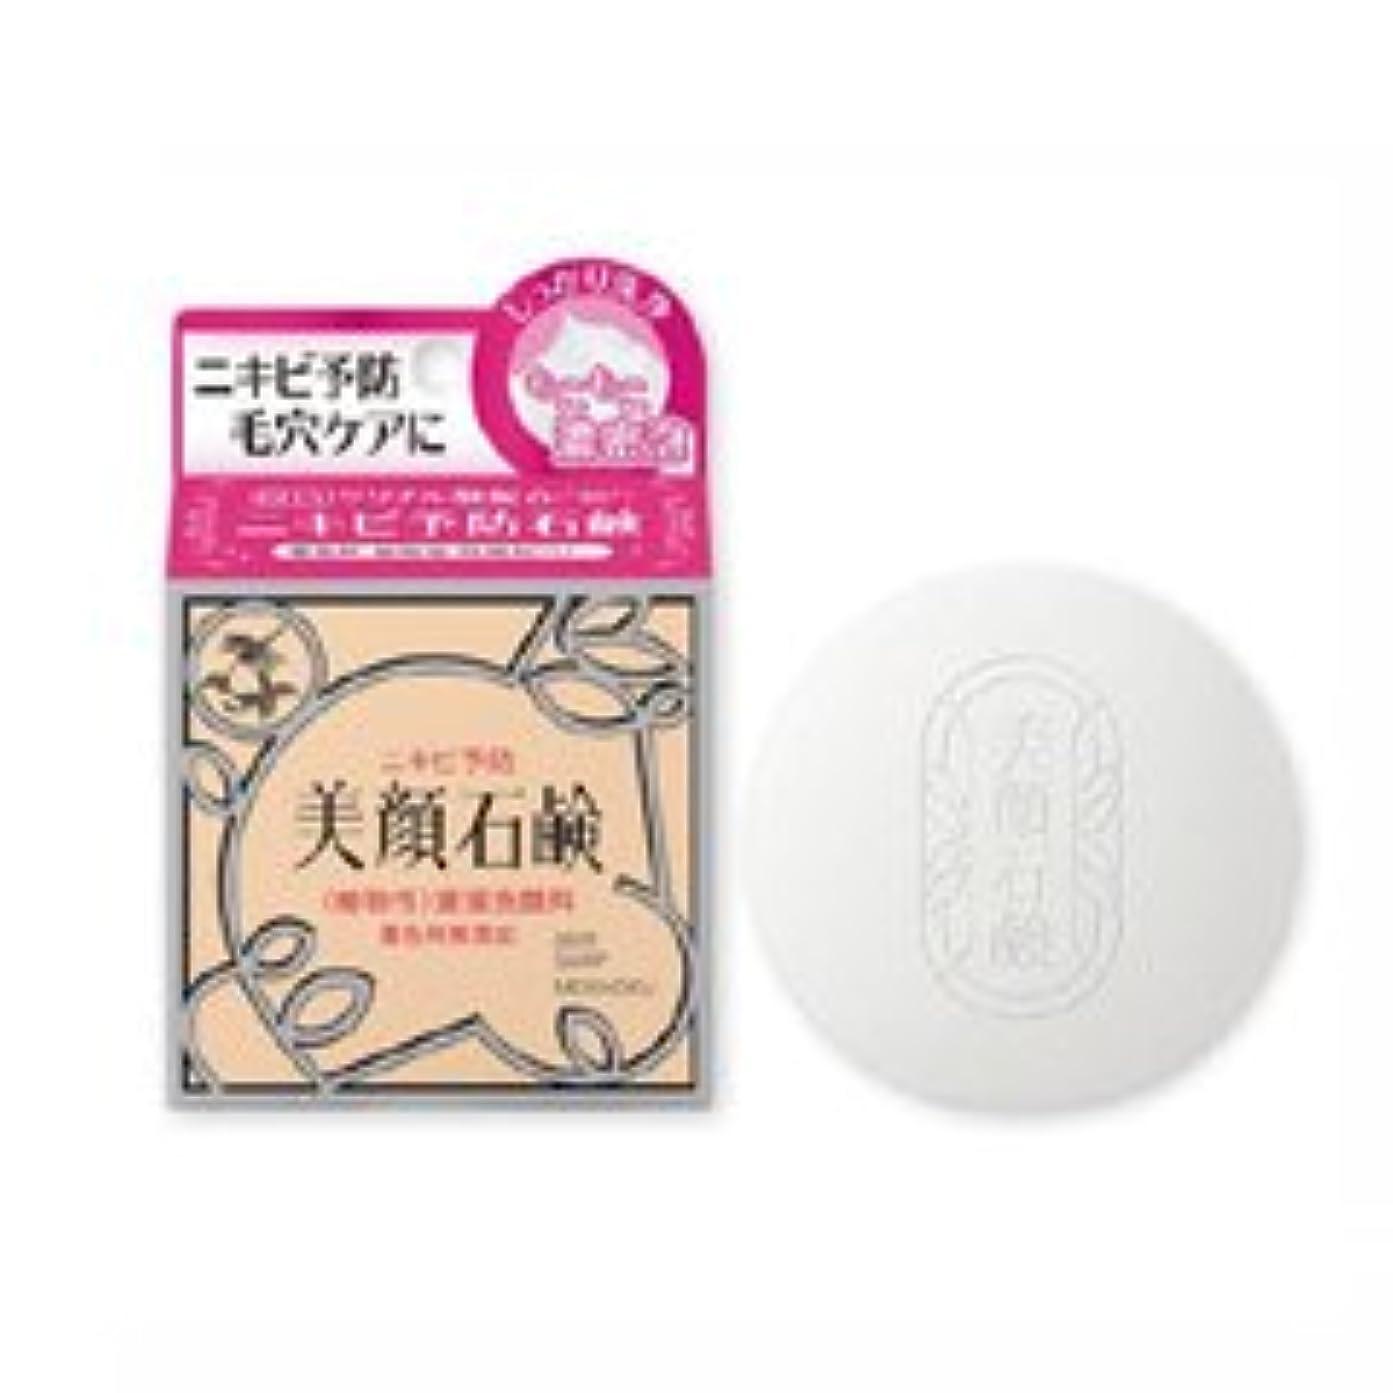 義務づけるアドバイスおなじみの【明色】美顔石鹸 80g